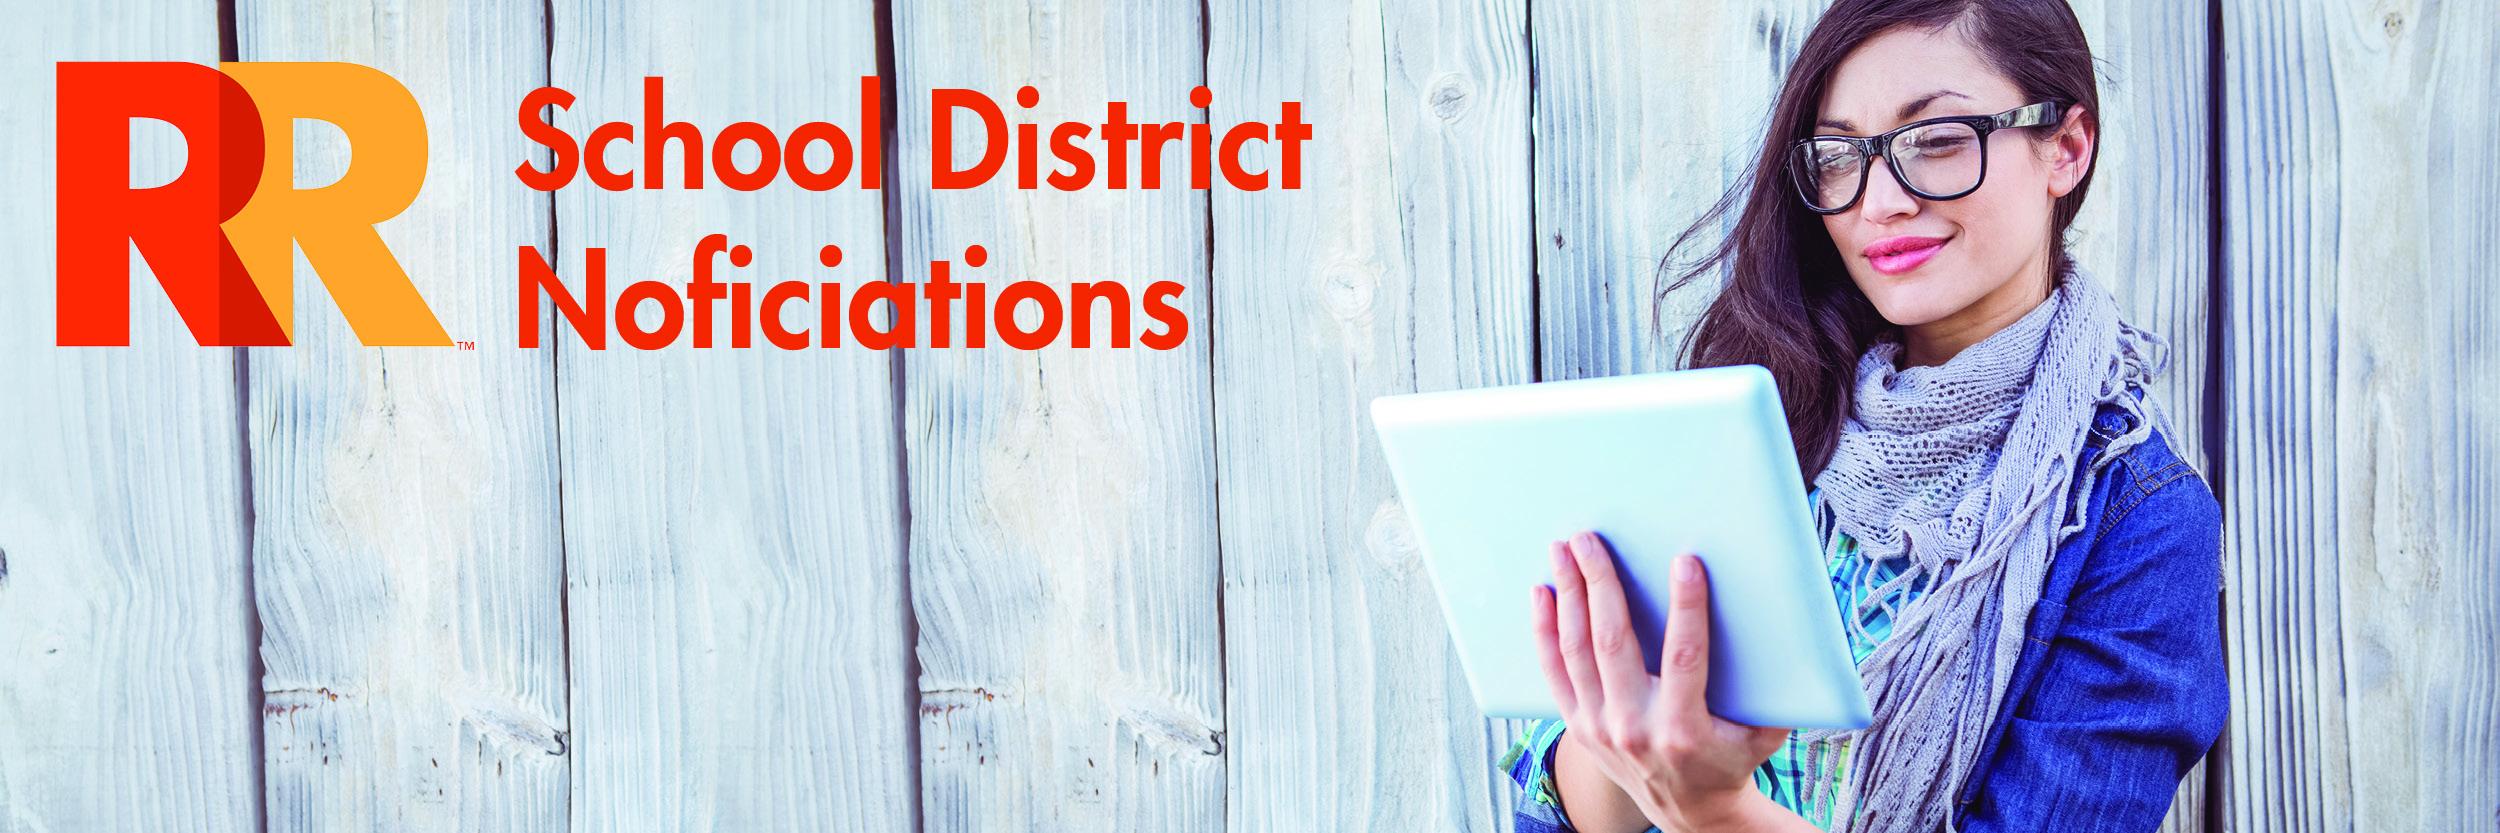 School District Notifications